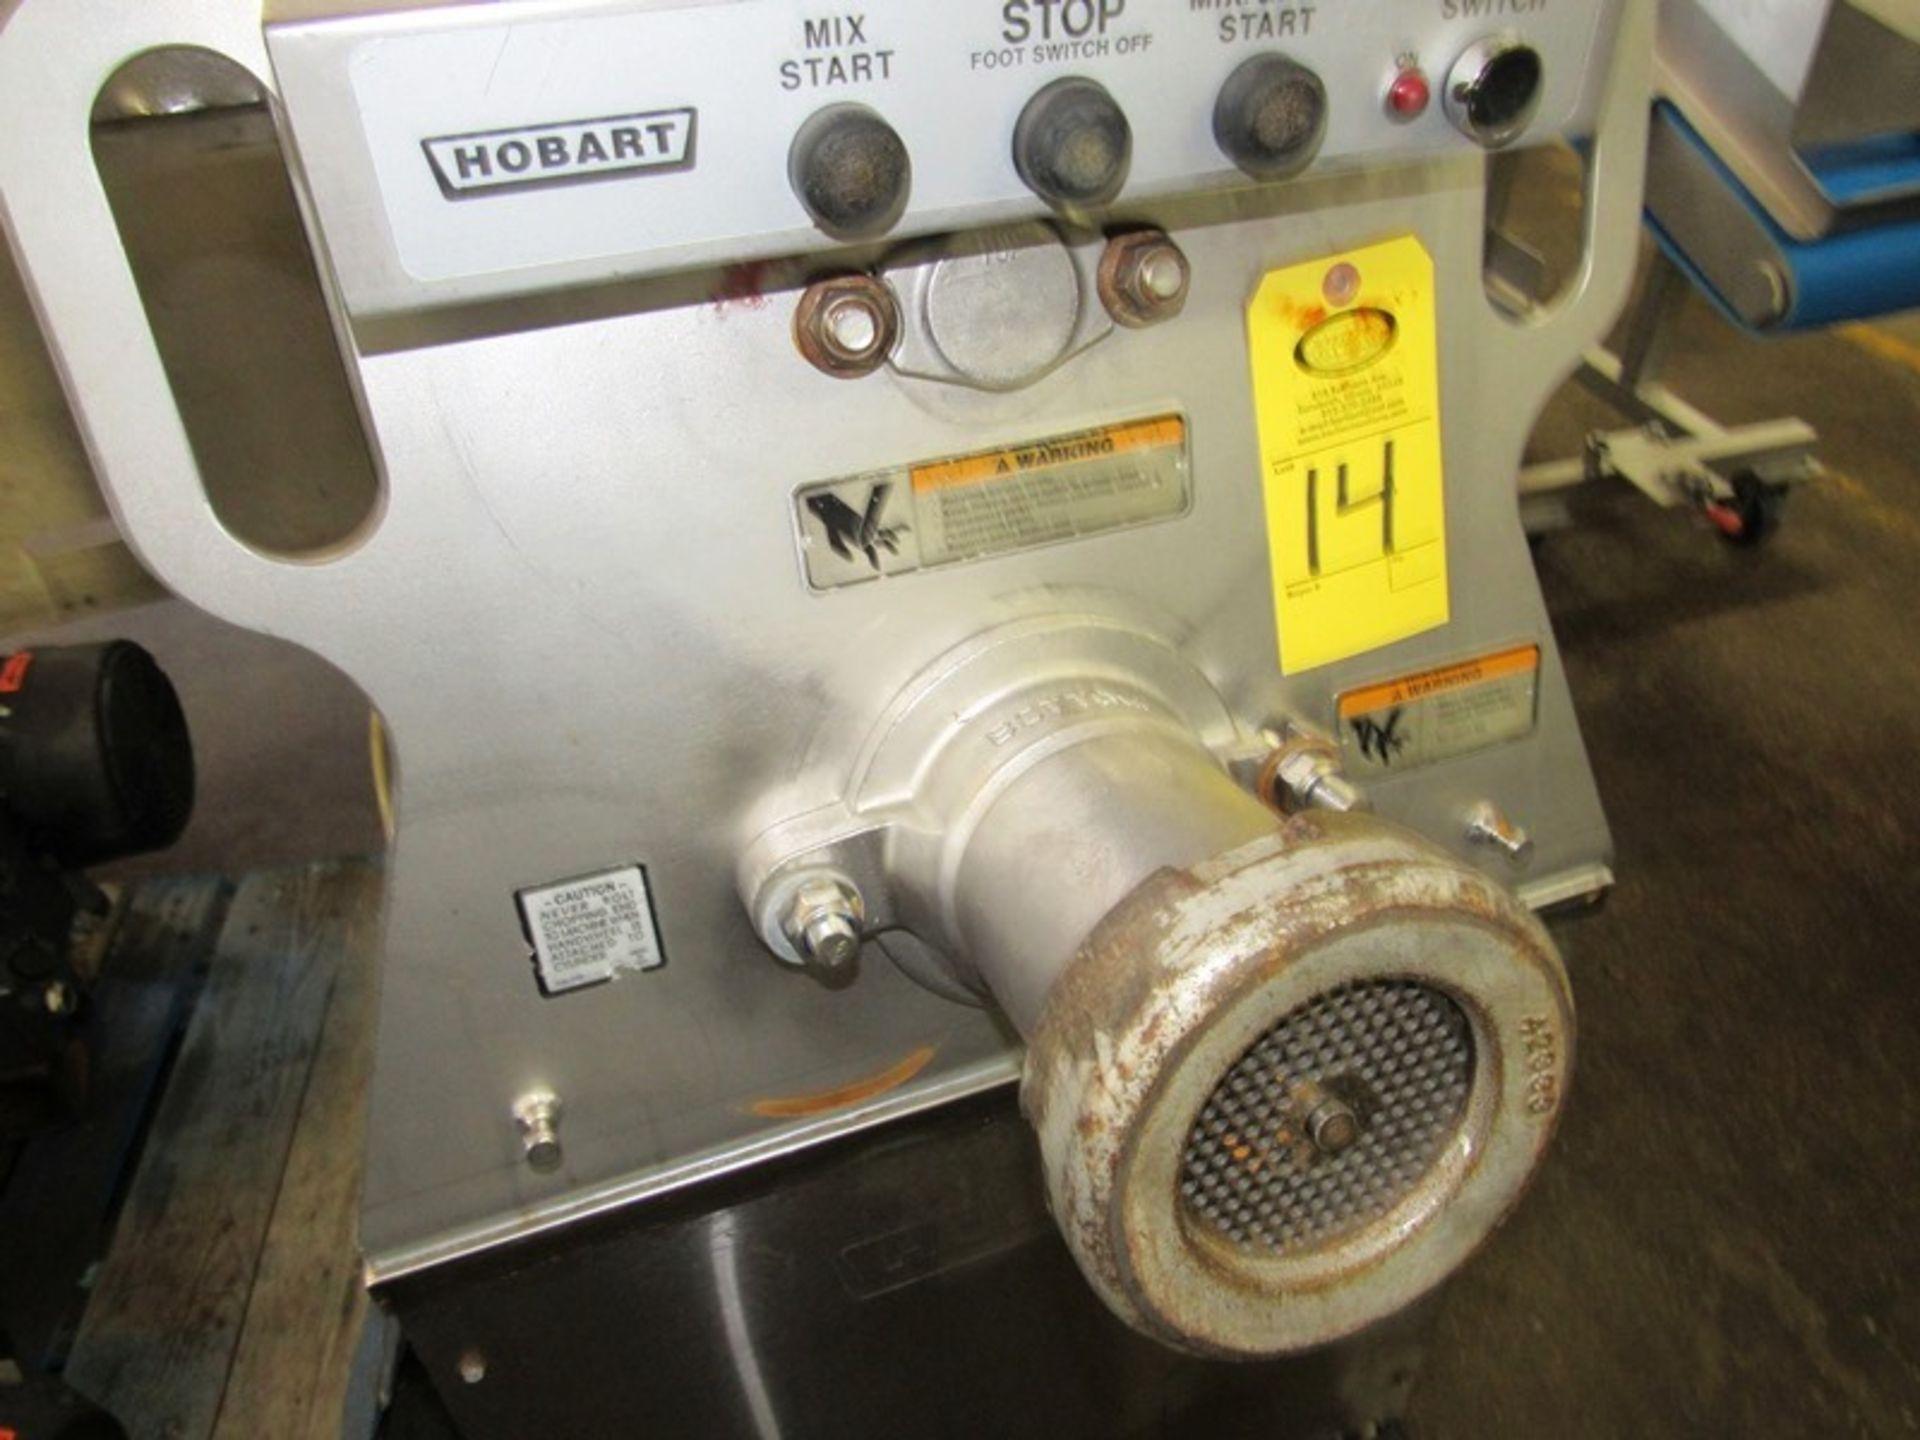 Lot 14 - Hobart Mdl. MG-2032 Portable Mixer/Grinder, #32 Head, Ser. # 31-1450-929, 220 volts